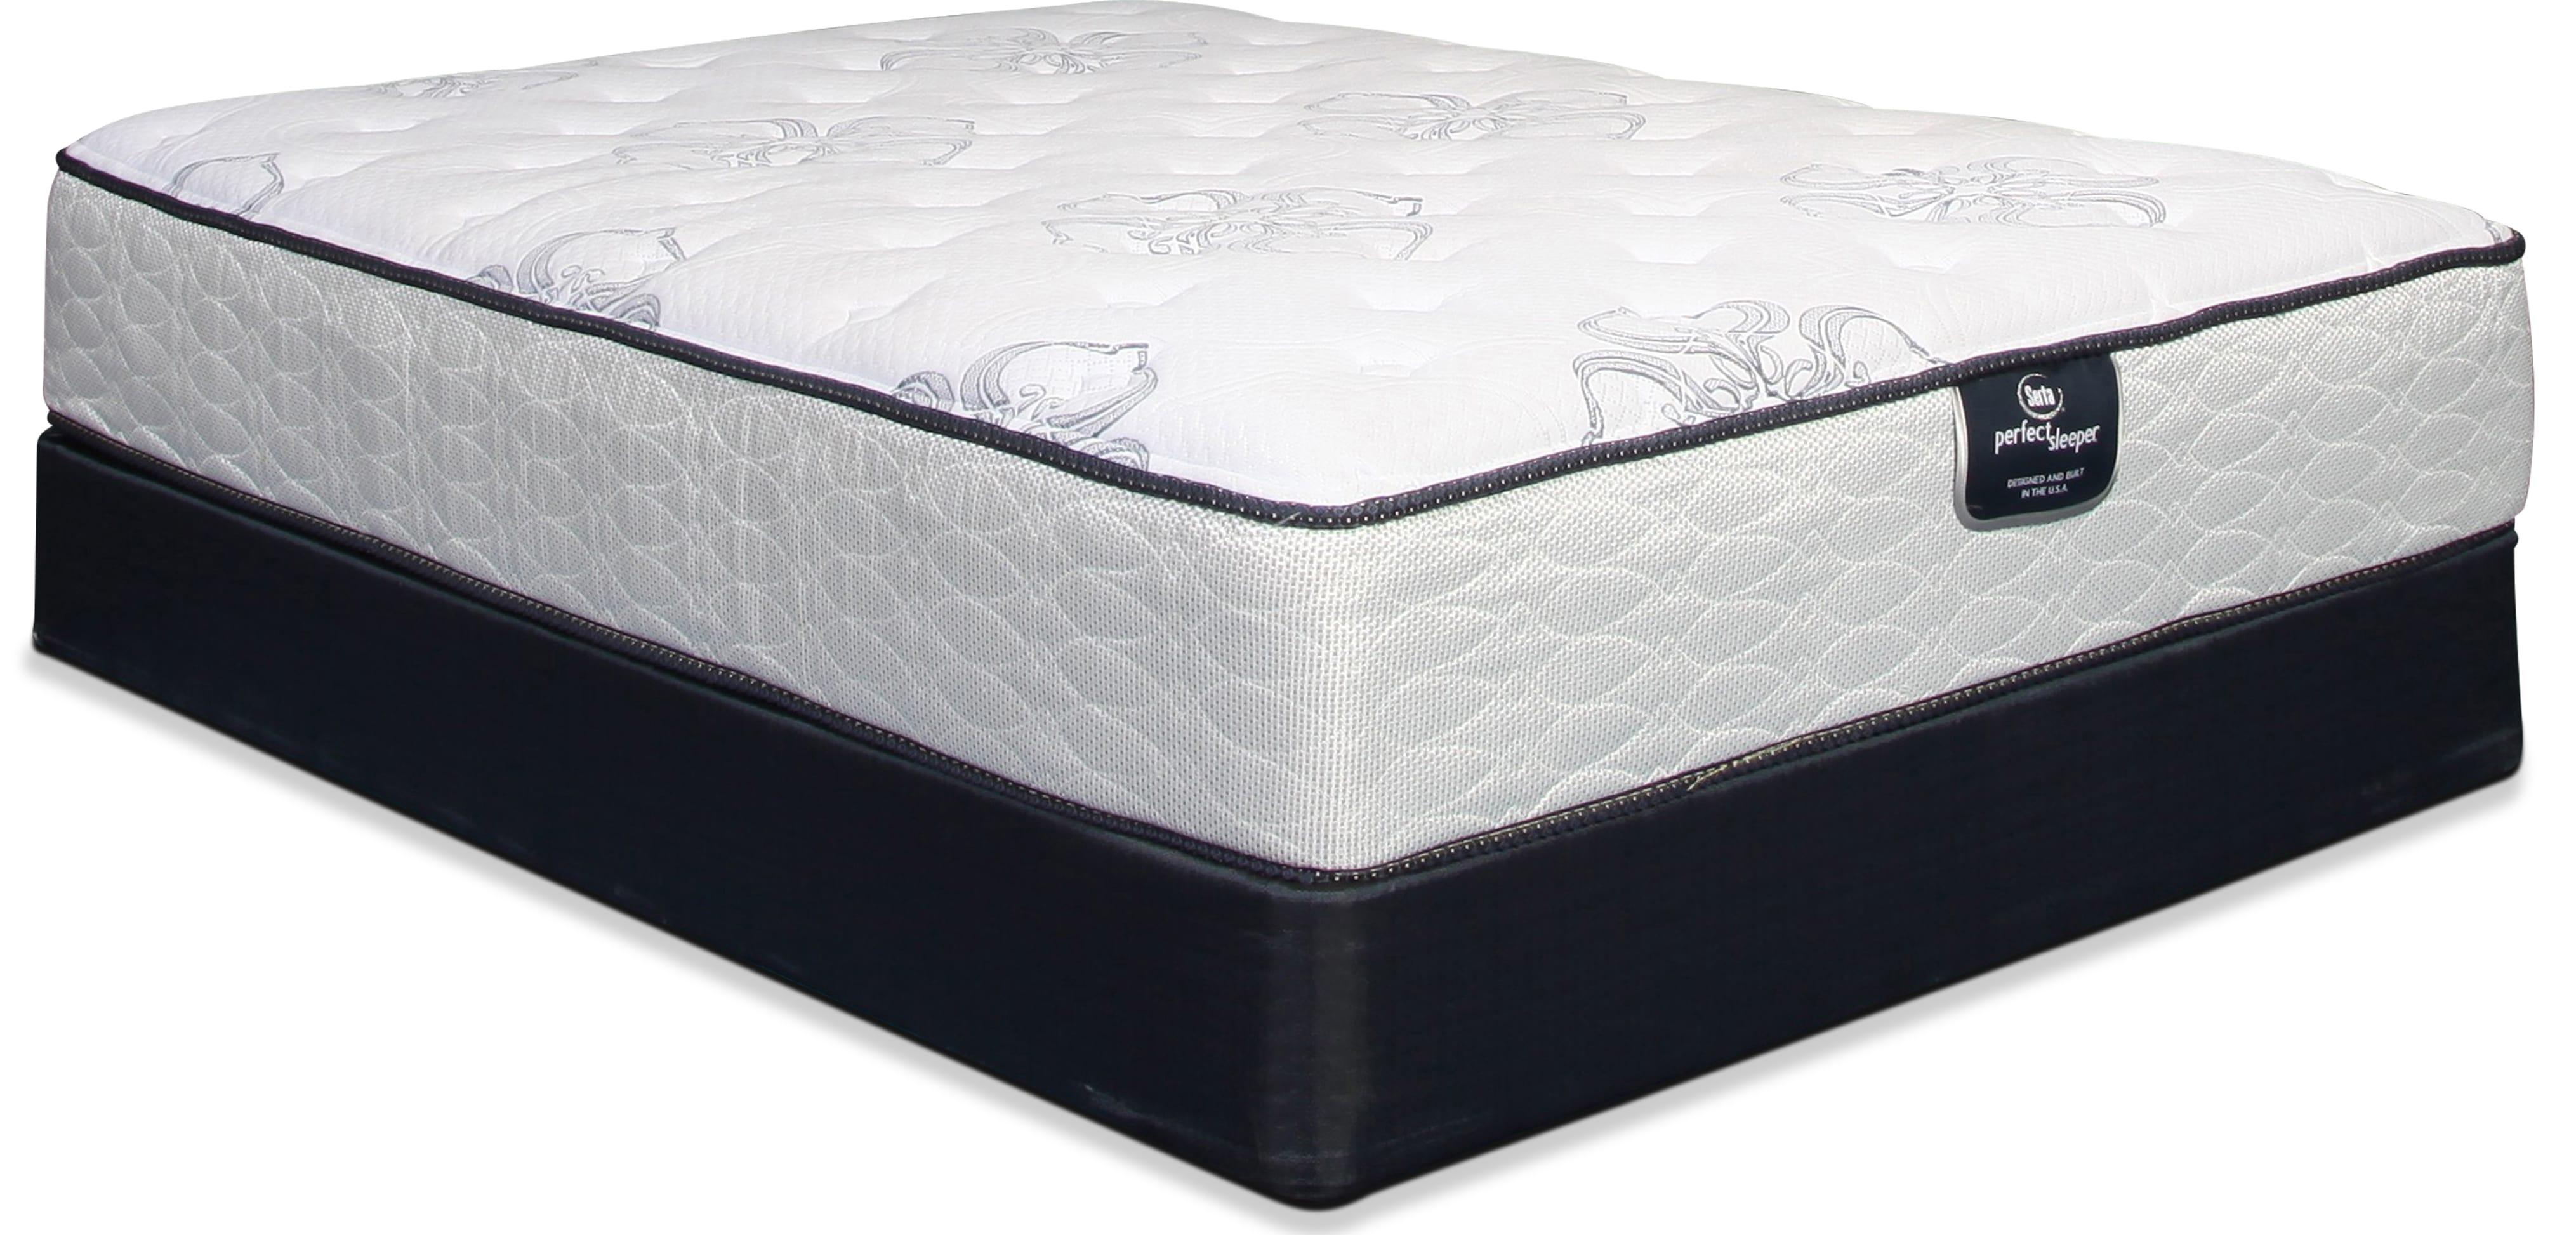 Serta Perfect Sleeper Plush Twin Mattress and Boxspring